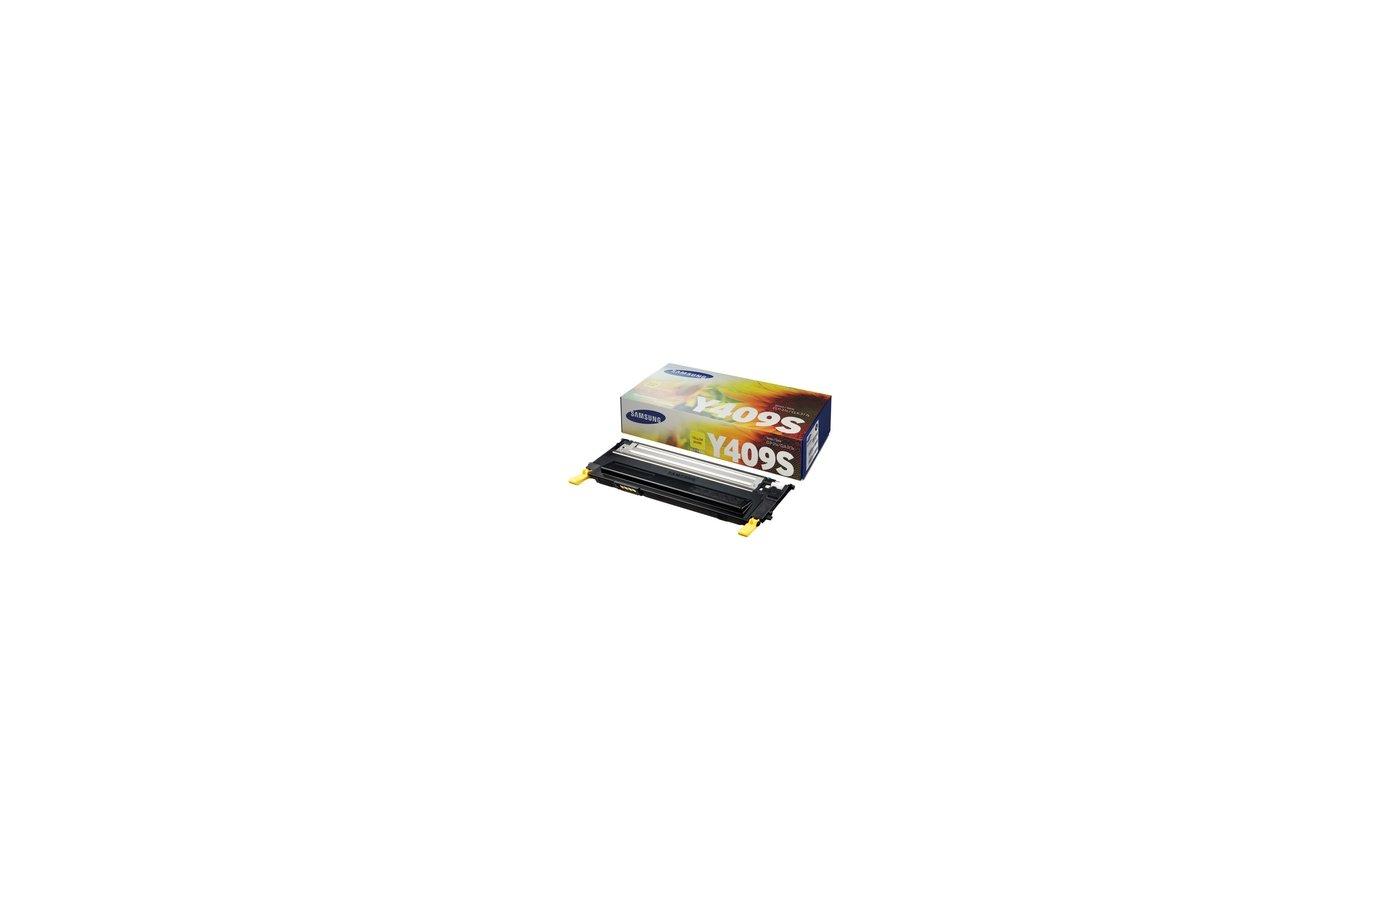 Картридж лазерный Samsung CLT-Y409S желтый для CLP-310/315, CLX-3170FN (1000стр.)